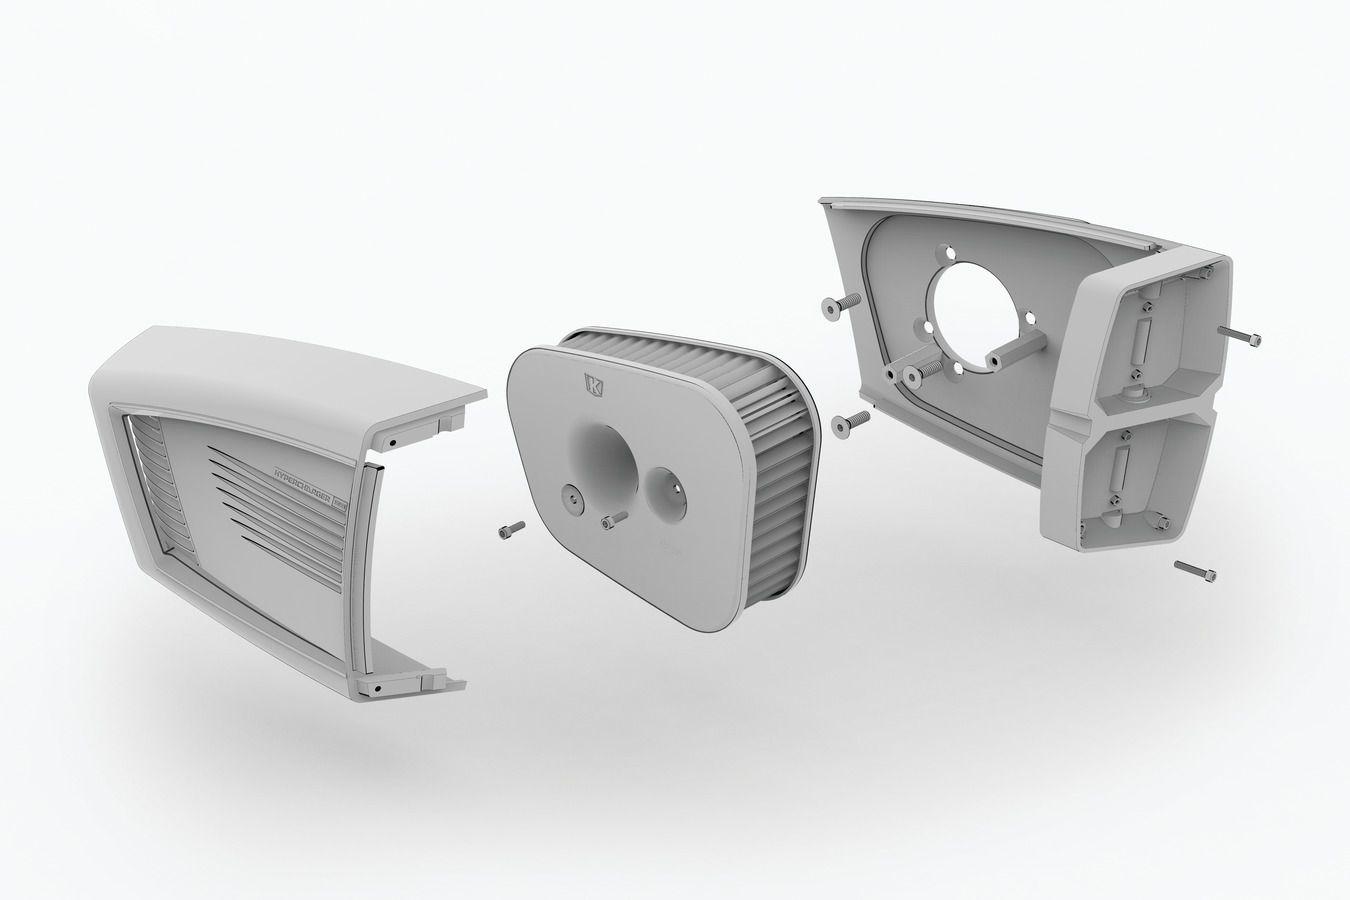 Filtro de Ar Modelo Hypercharger ES - Cromado - Acelerador Eletrônico p/ Touring 2017 - 2019